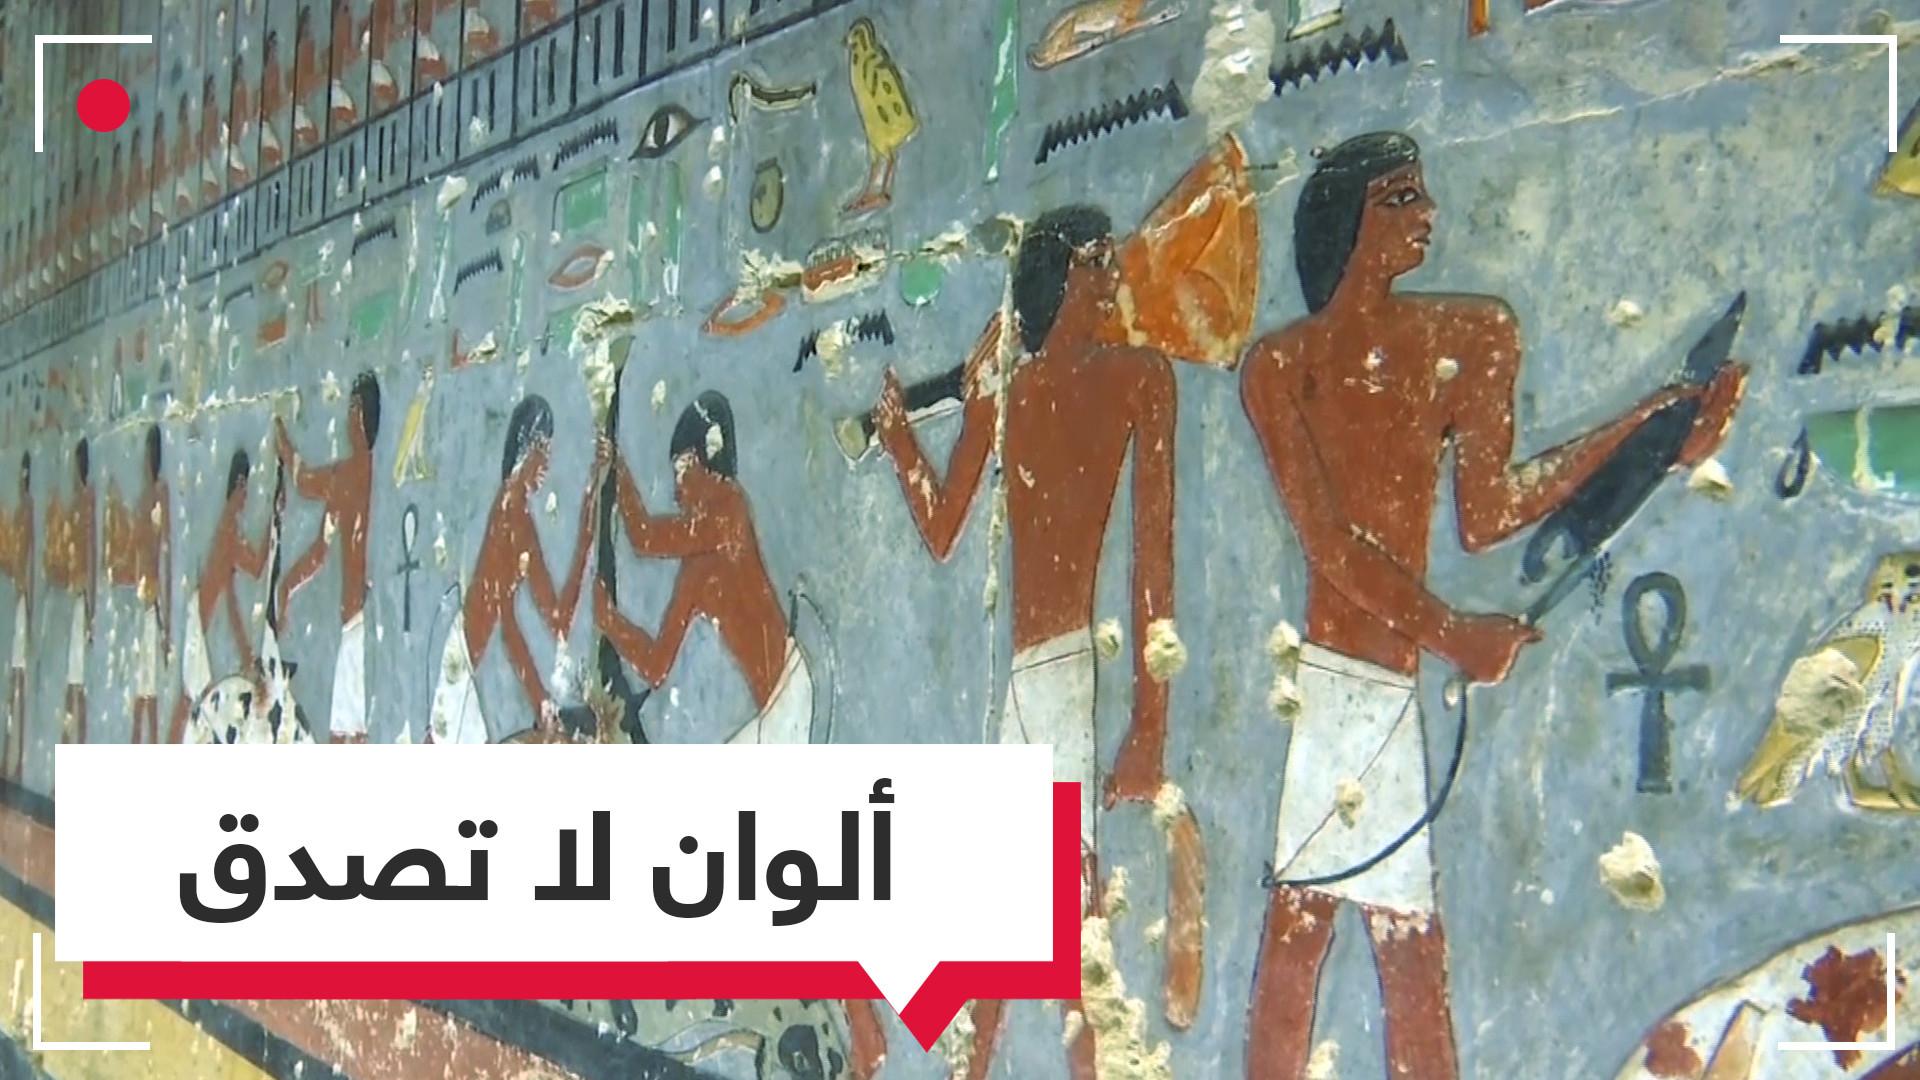 بدقة ألوانها.. مقبرة بجنوب هرم سقارة في مصر تدهش العالم